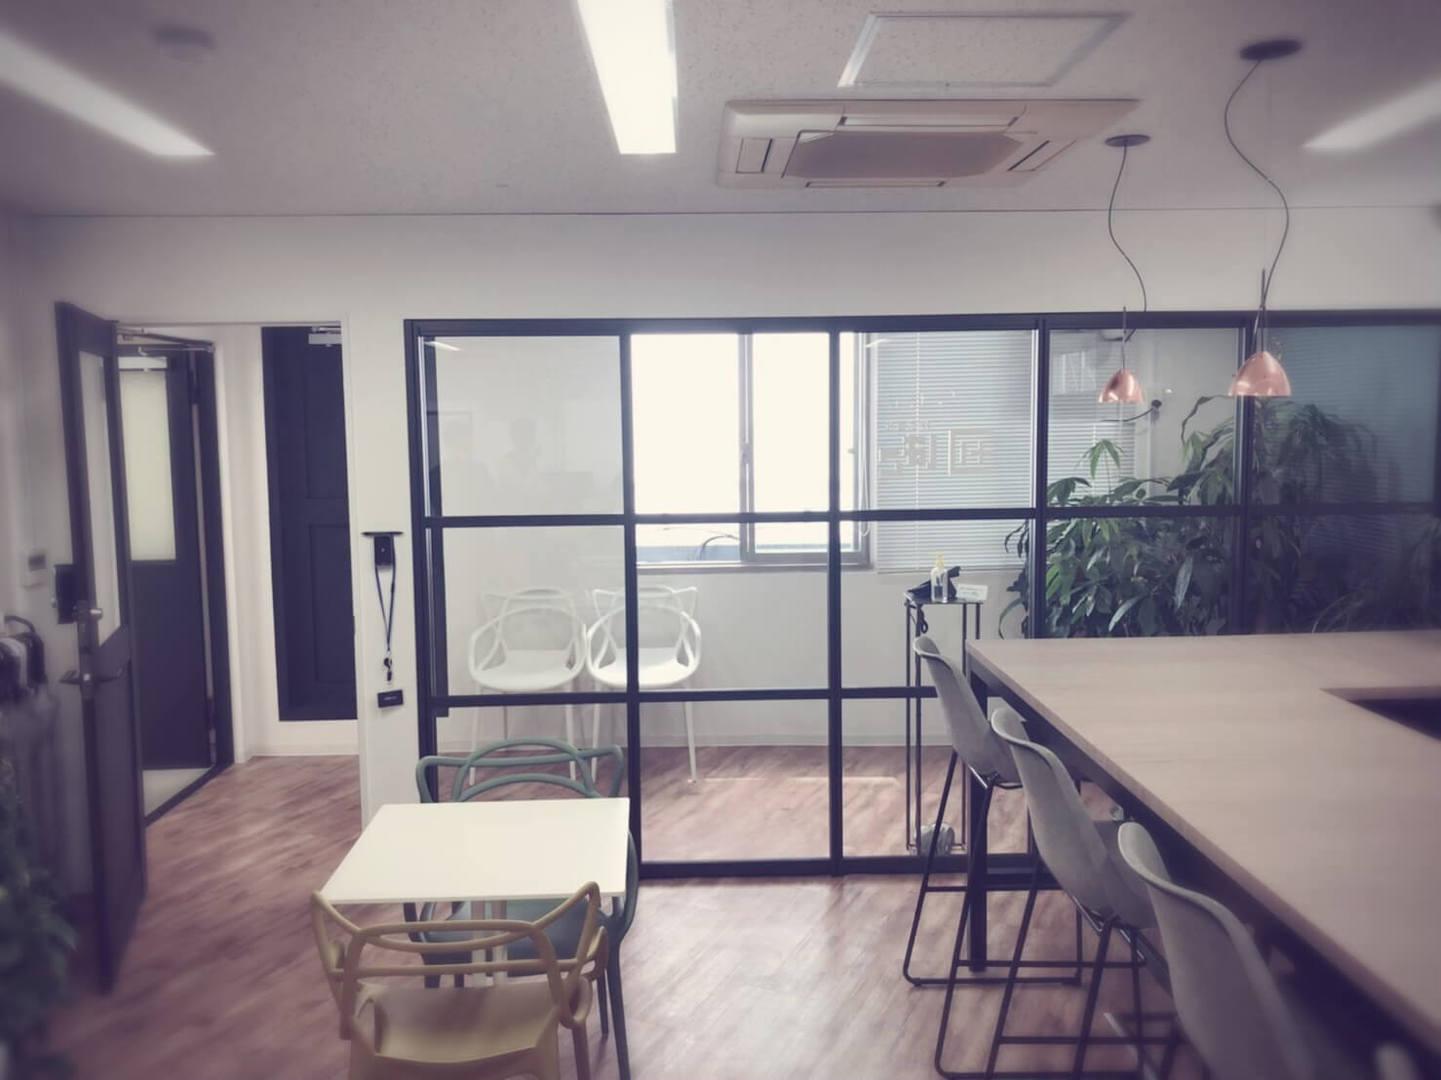 急募【経理事務】新オフィスで自由度抜群の環境で働きませんか?のカバー写真